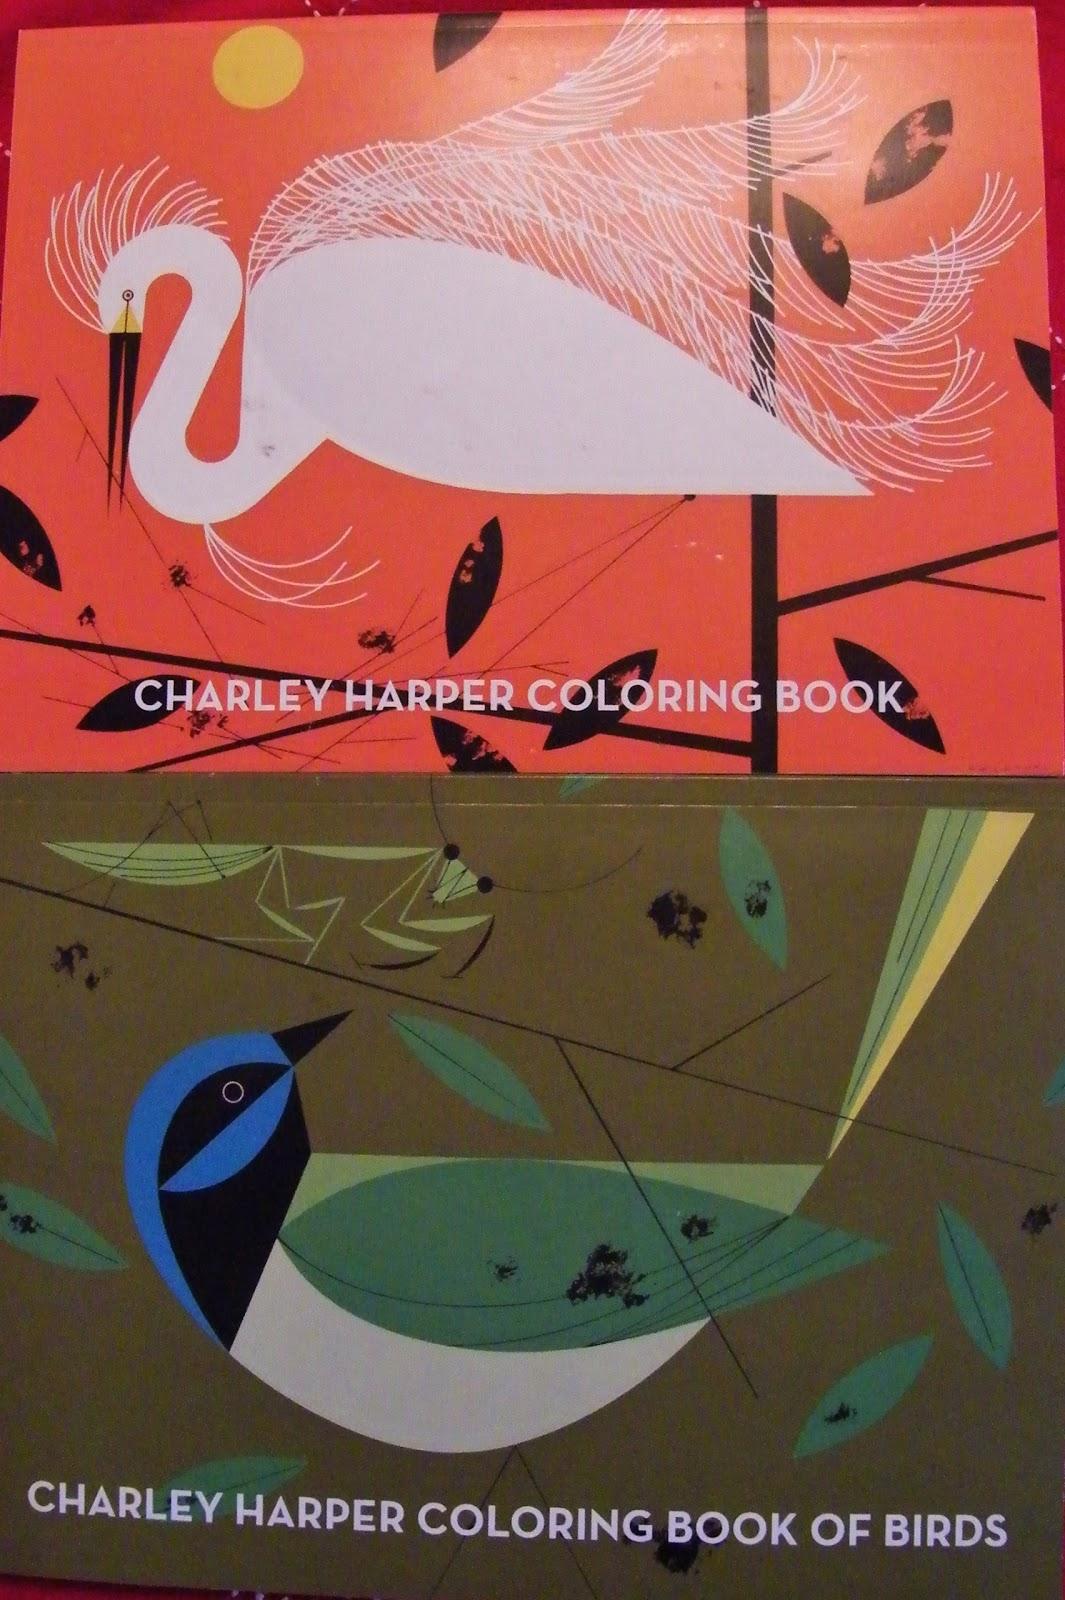 artteajannell: Artist Charley Harper